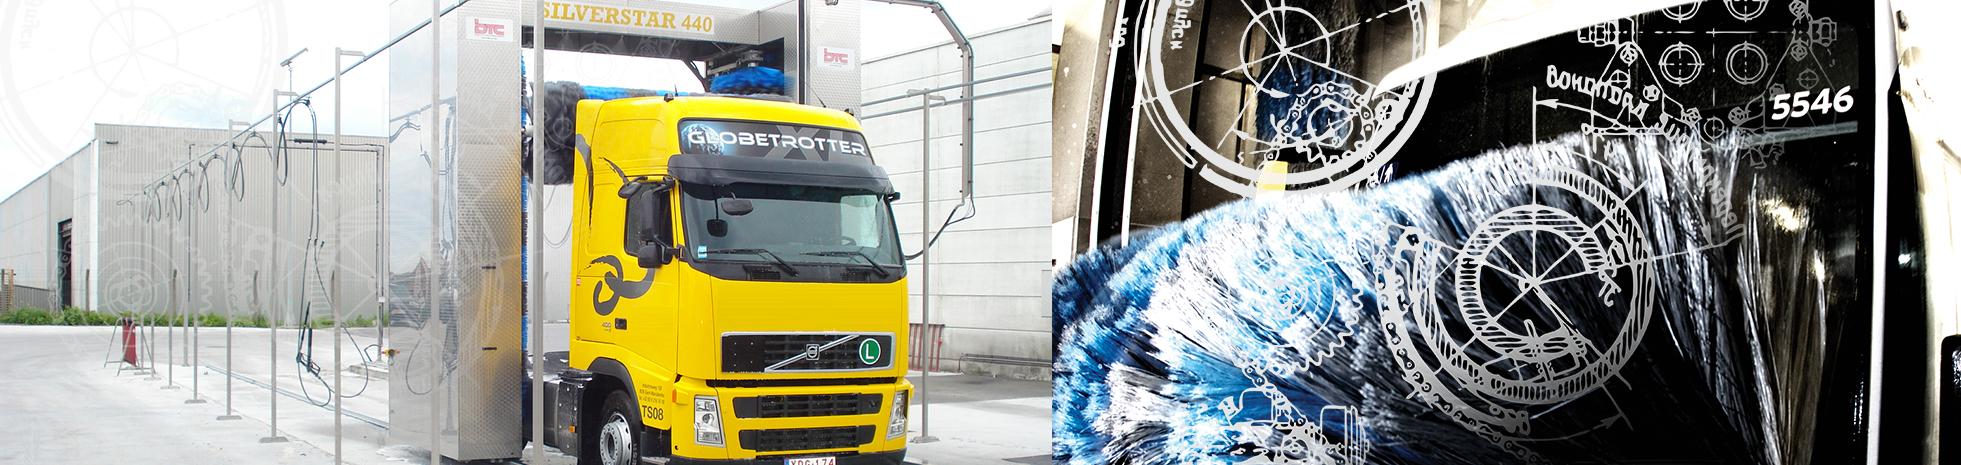 De beste wasinstallaties op de markt voor trucks, trams, metros, treinen en bussen.